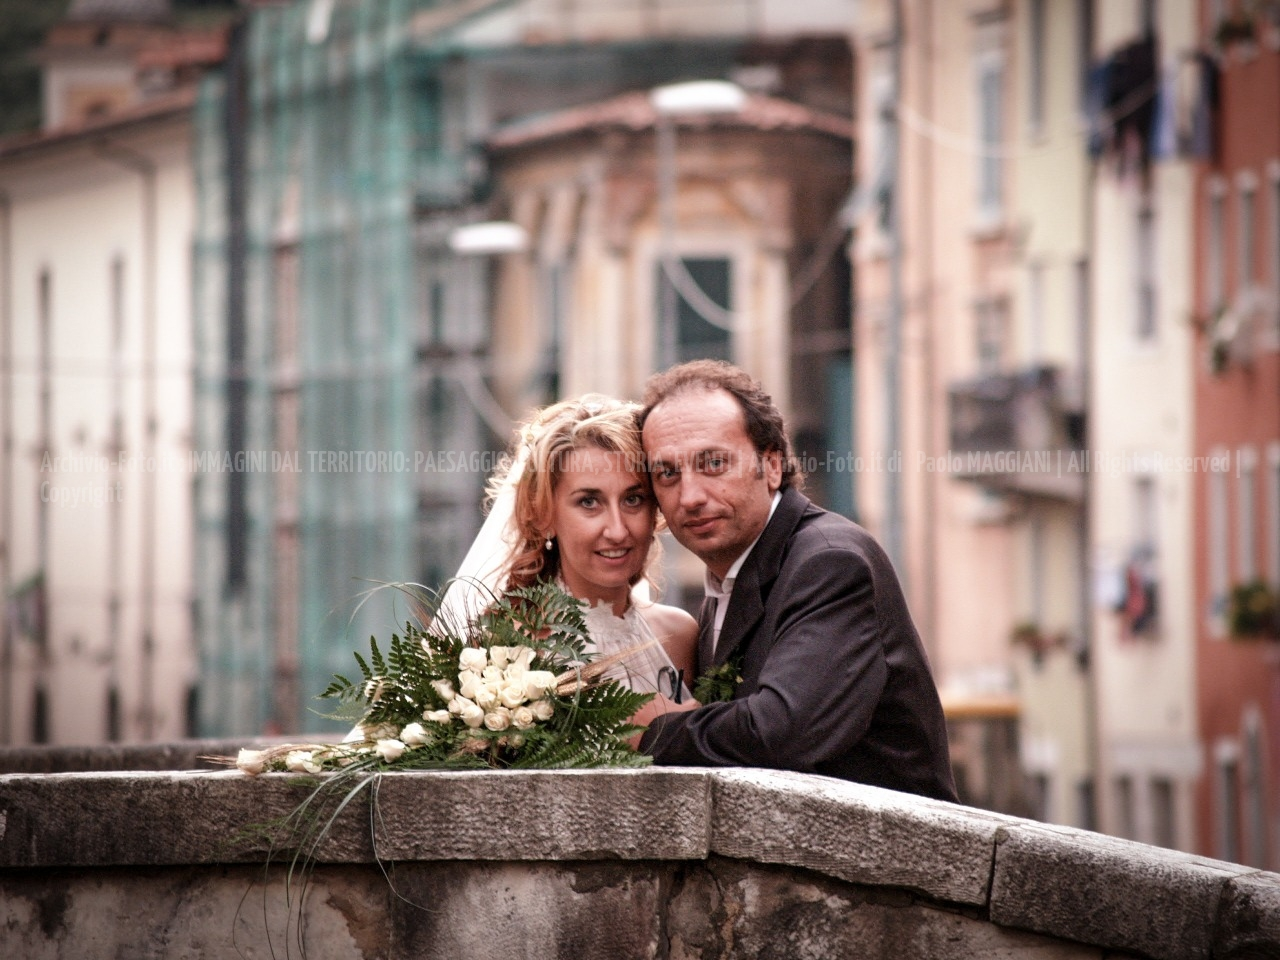 foto-360__24092005_Aronte-beni-culturali-Carrara-marmo-matrimonio-Paolo-Maddy-ponte-alle-Lacrime-Sirena